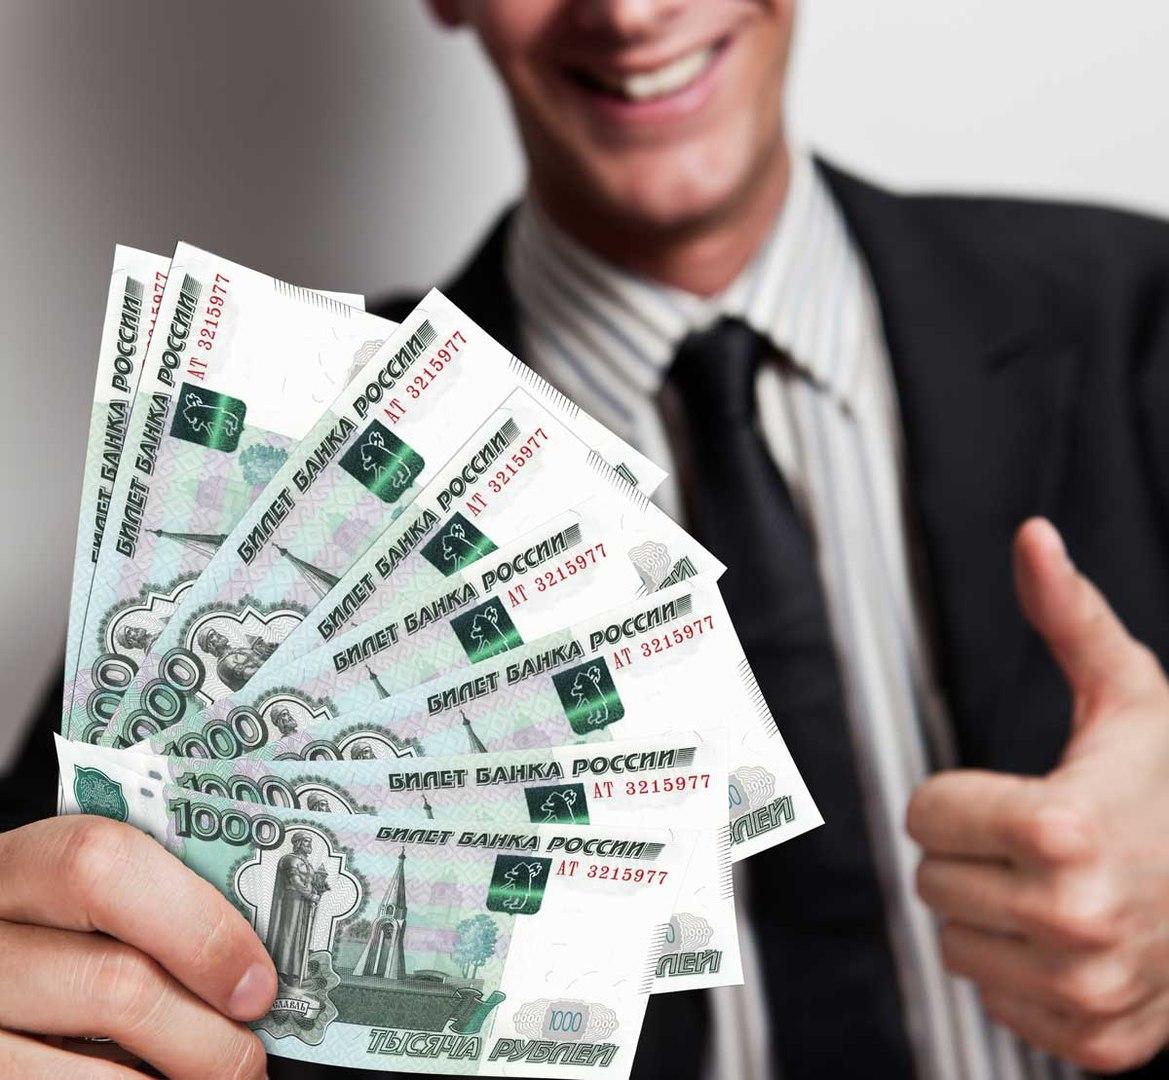 Как налогоплательщику вернуть 52 000 рублей?